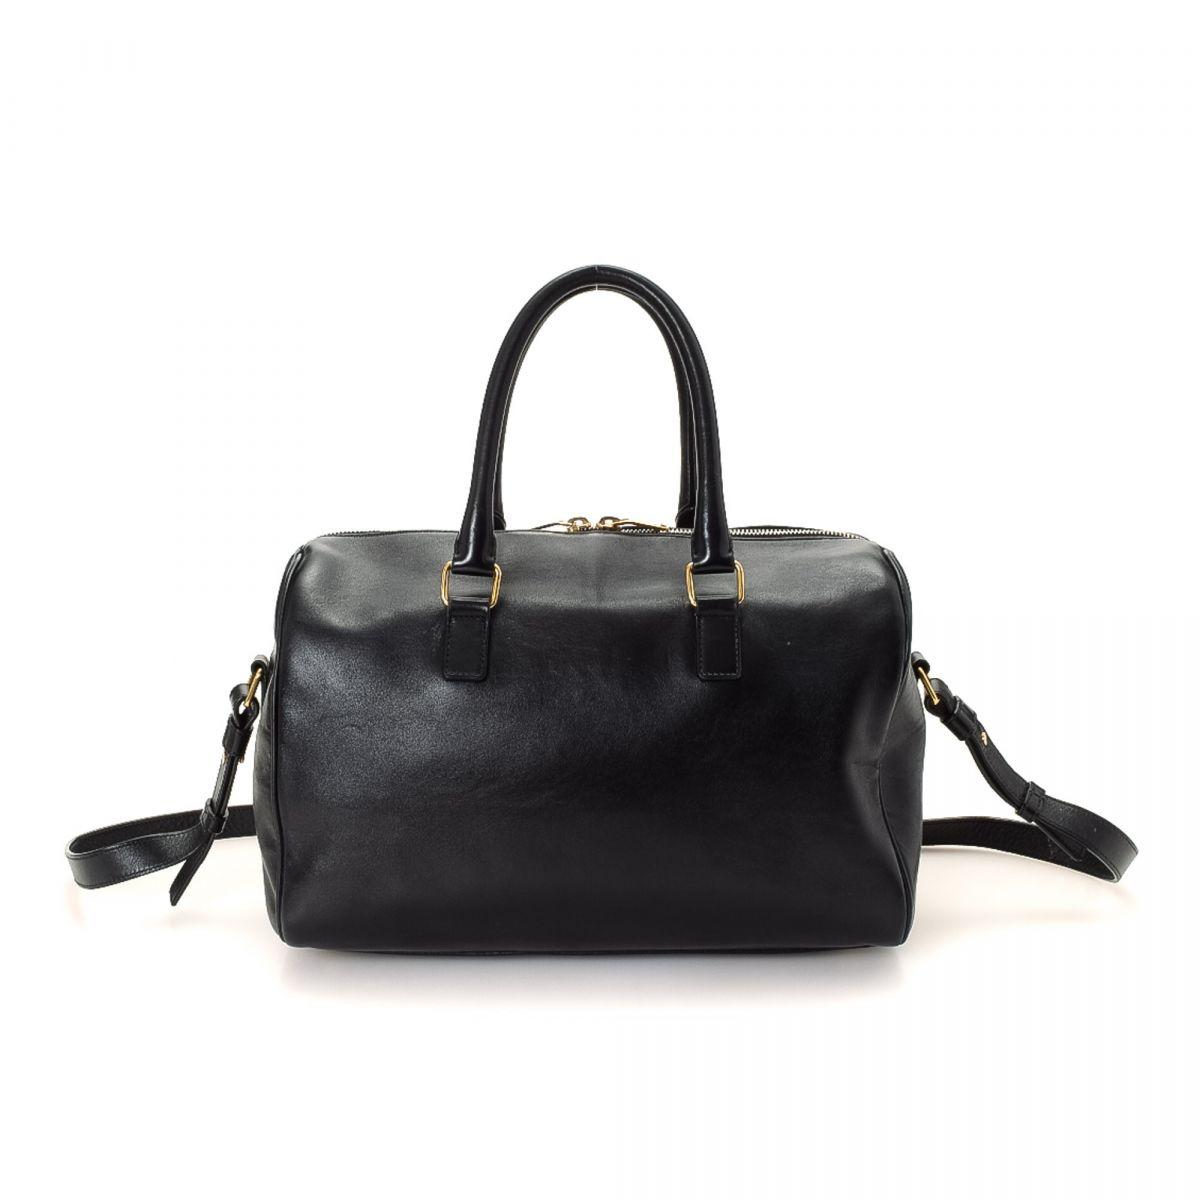 Yves Saint Laurent Purses | Yves Saint Laurent Handbags | Ebay Yves Saint Laurent Handbags